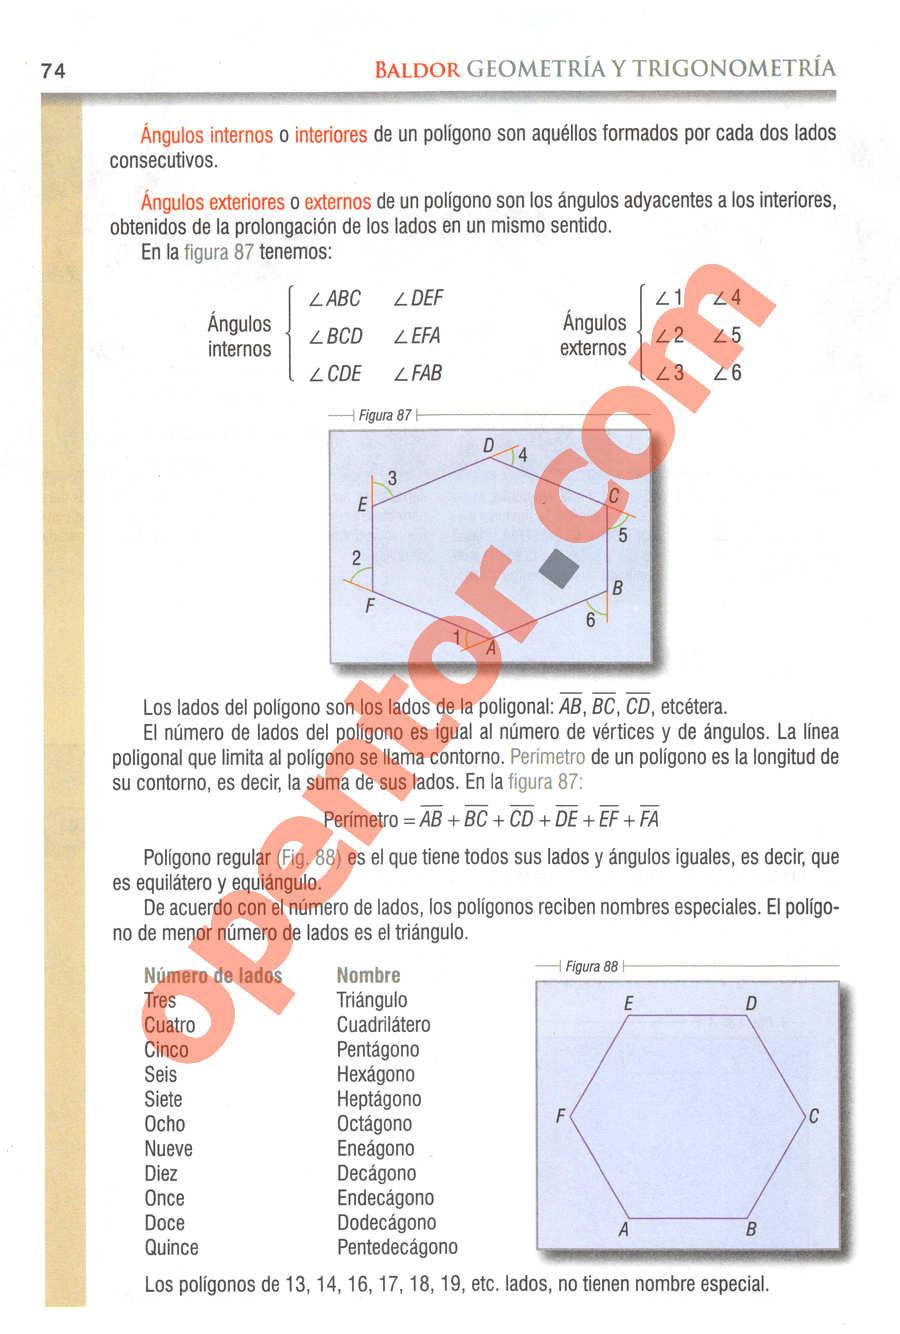 Geometría y Trigonometría de Baldor - Página 74